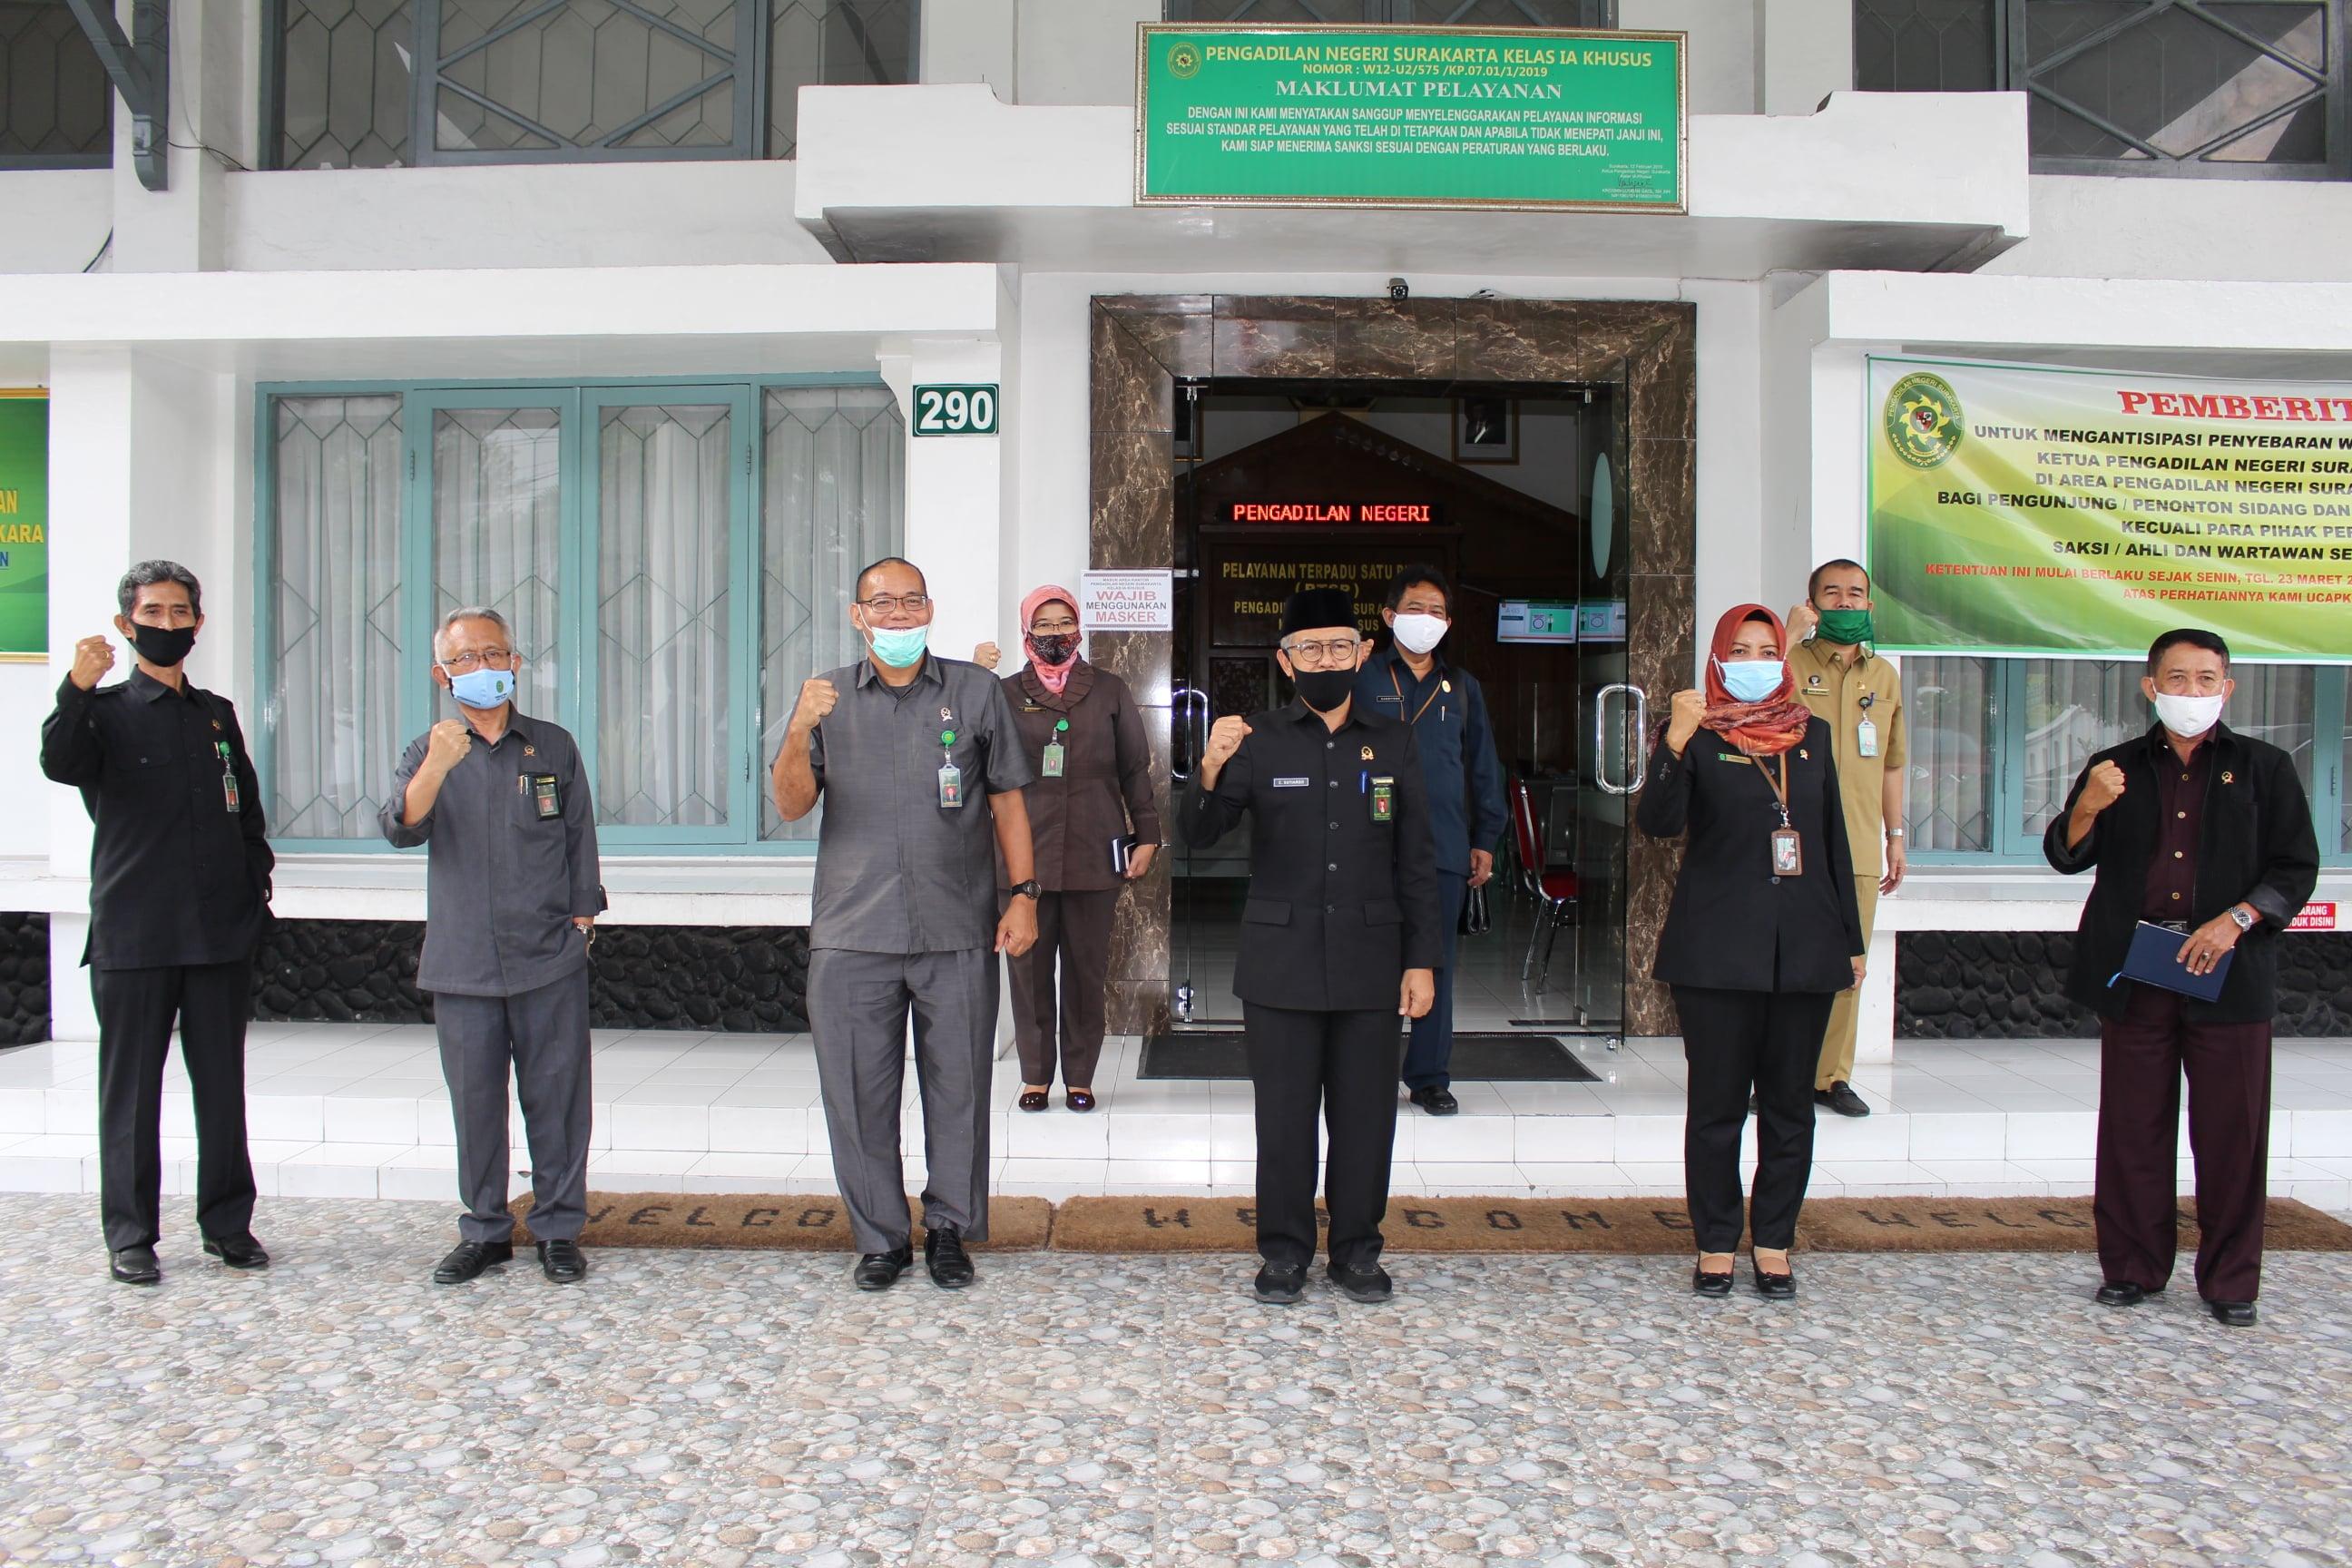 Kunjungan Kerja dan Inspeksi Mendadak dari Ketua Pengadilan Tinggi Jawa Tengah